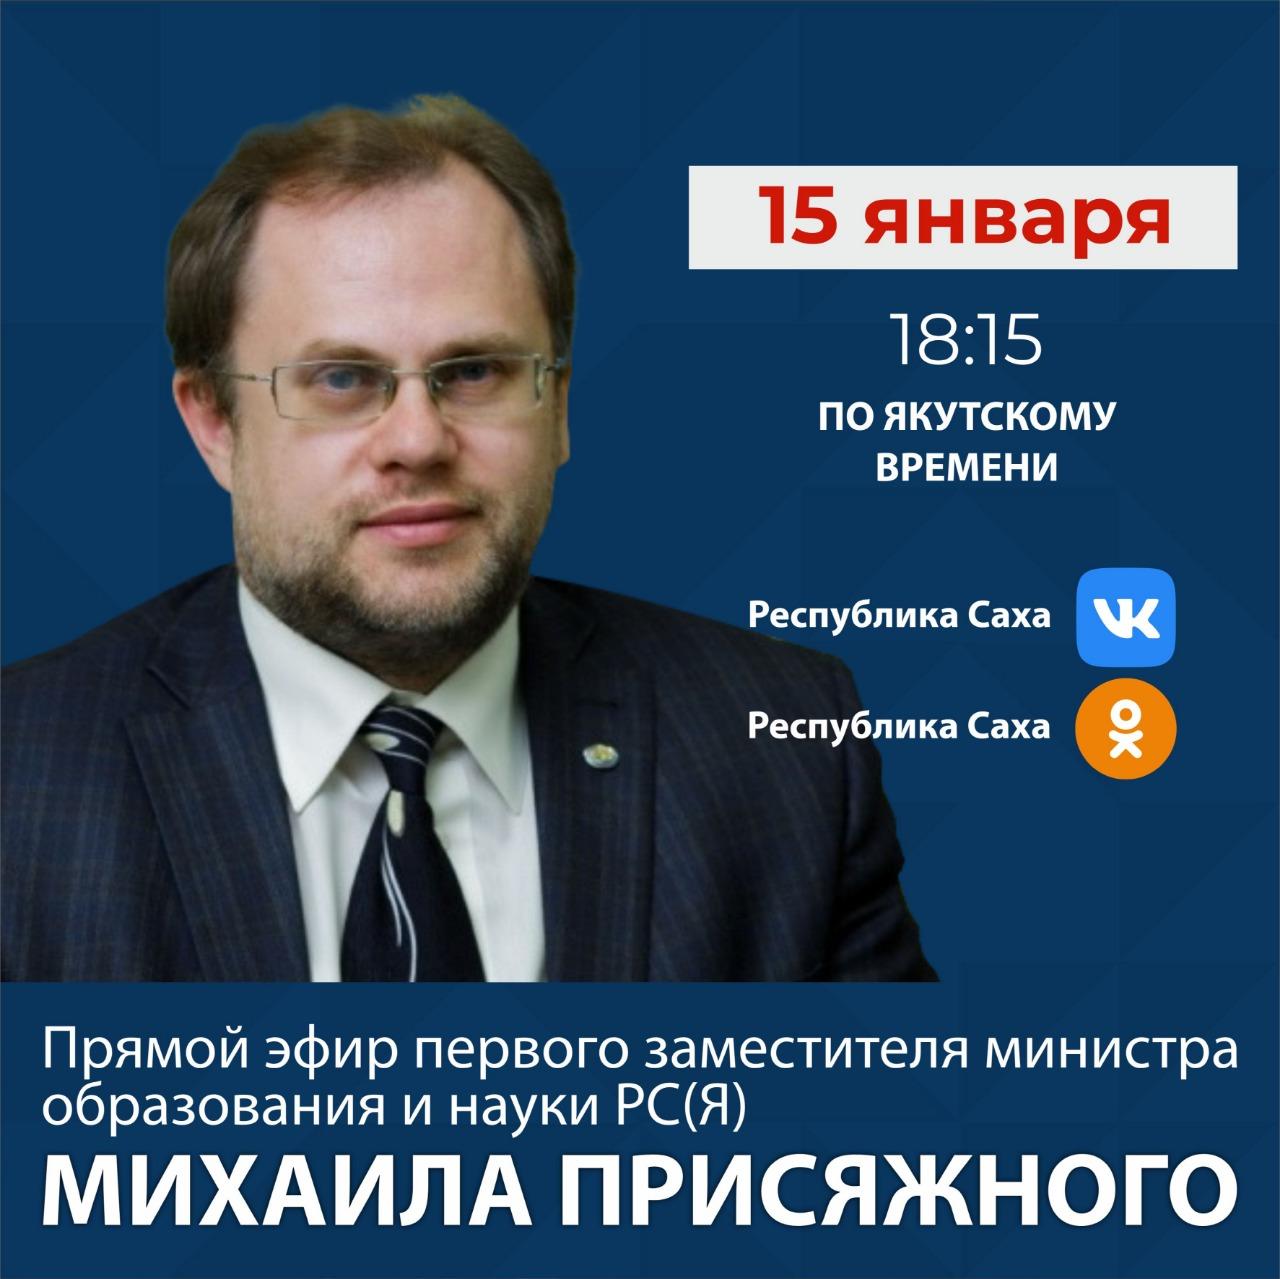 Первый замминистра образования и науки Михаил Присяжный сегодня ответит на вопросы якутян в прямом эфире в соцсетях